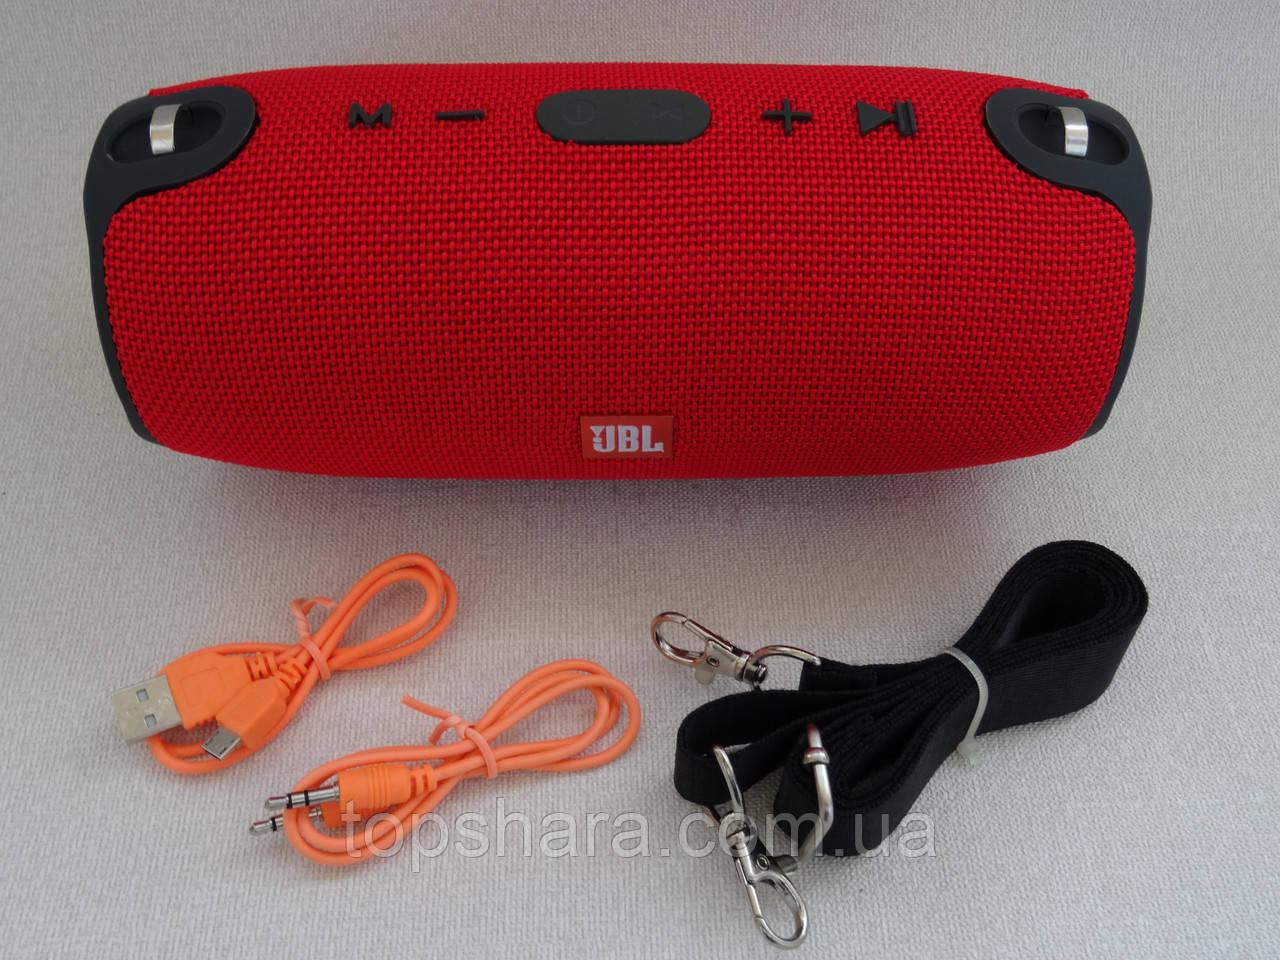 Мінідінамік бездротовий Bluetooth JBL XTREME mini RED